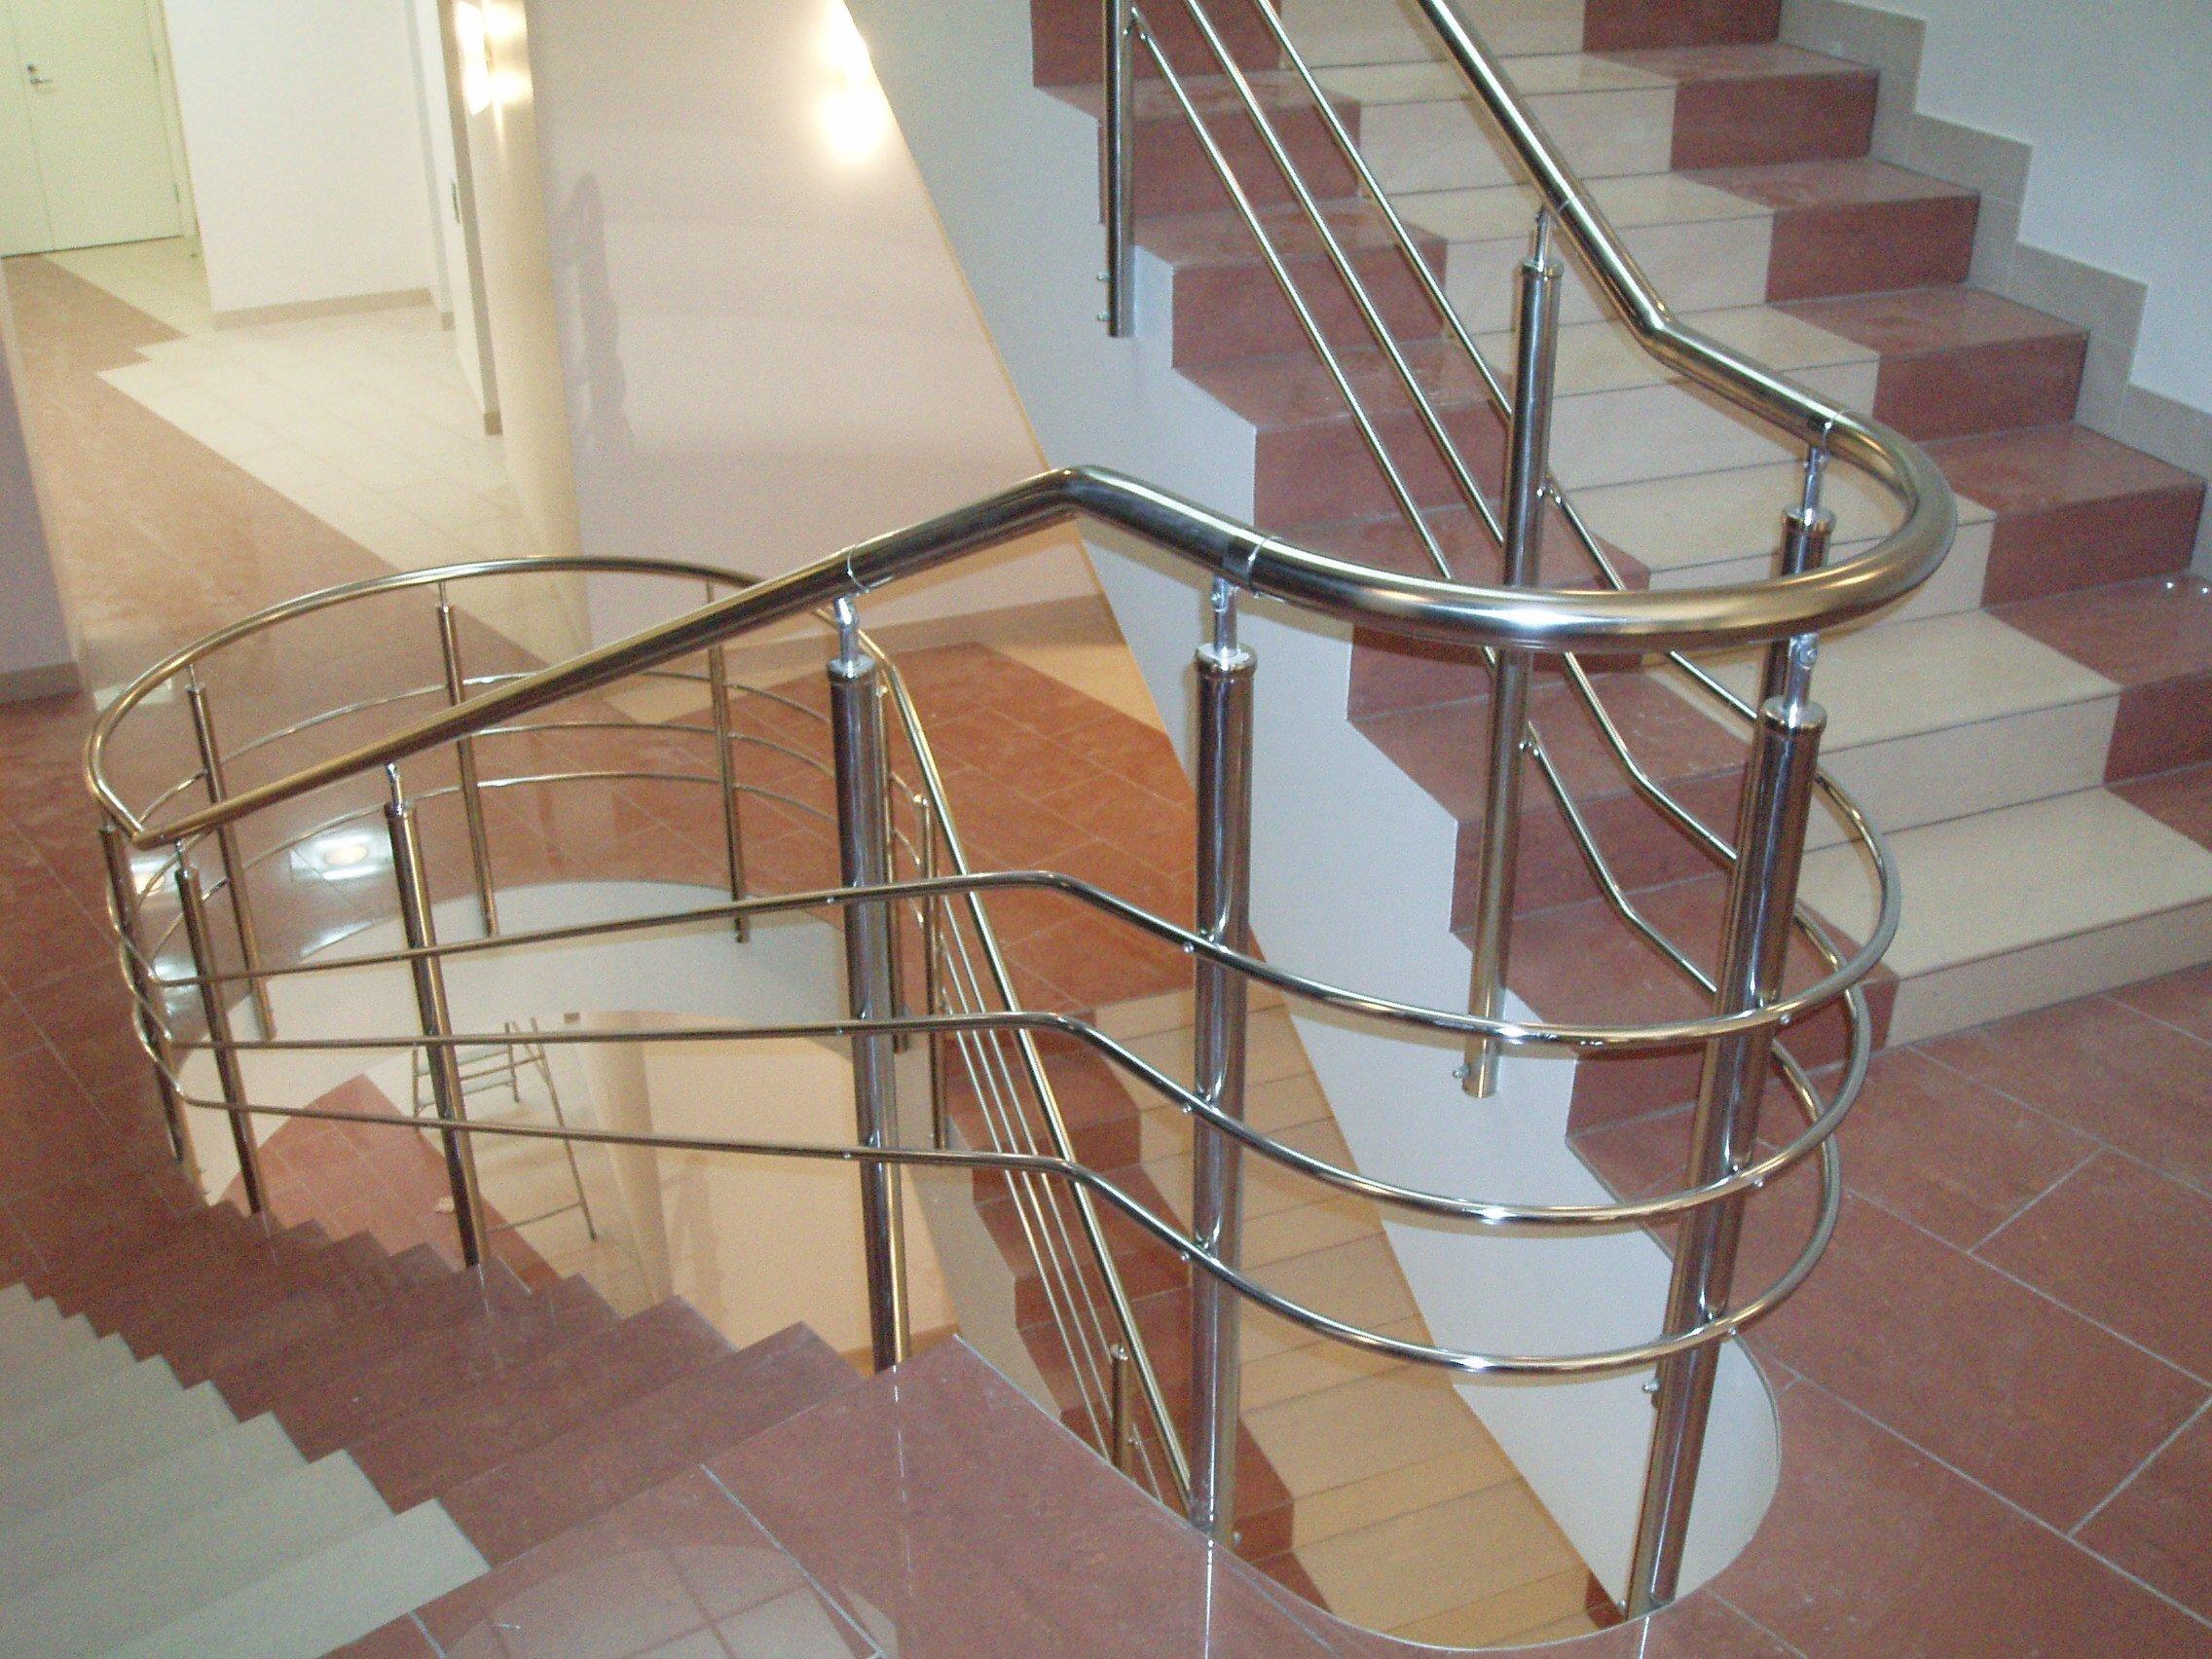 Поручни и перила из алюминия — ограждения лестничных маршей